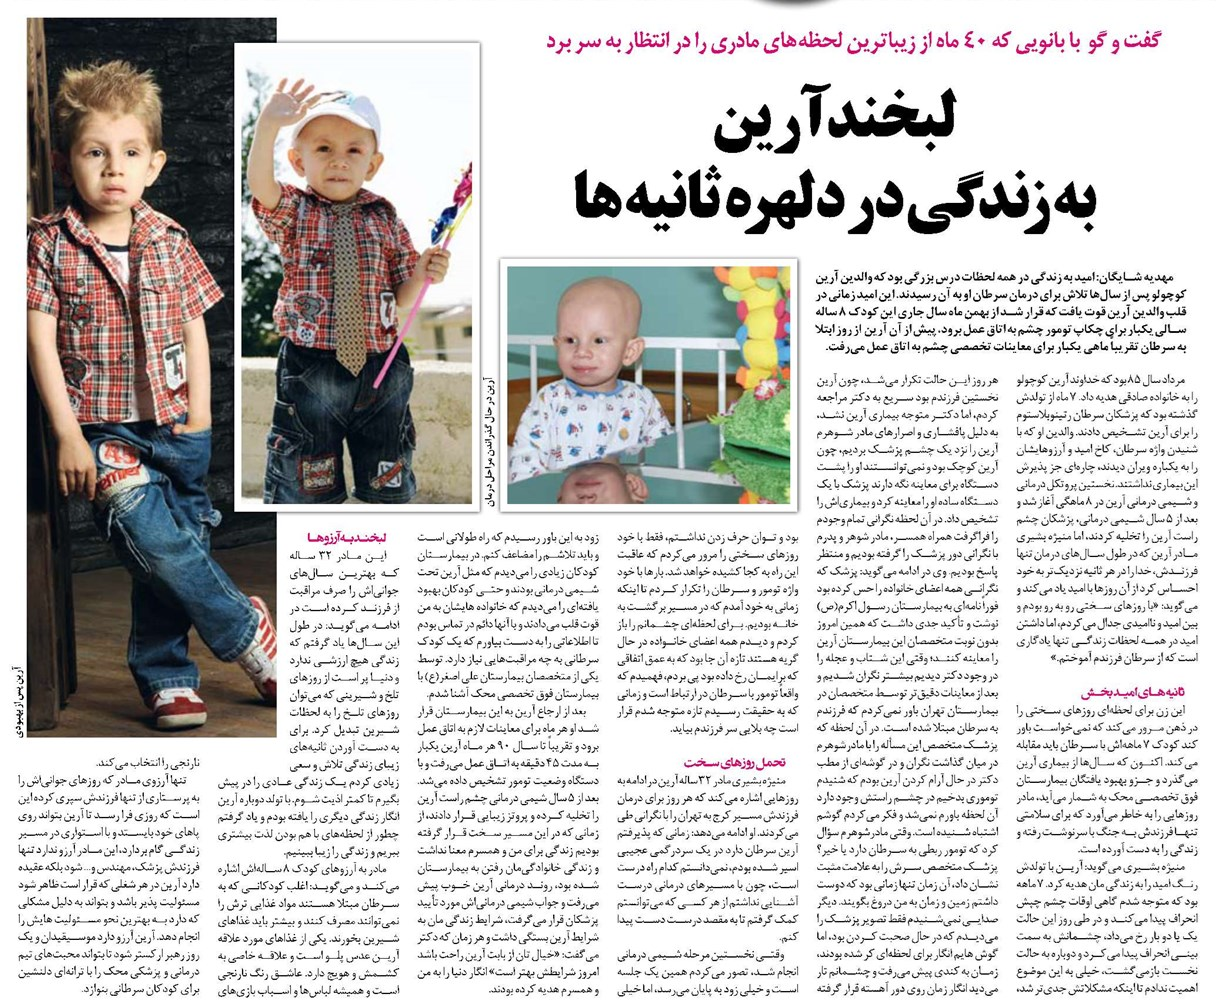 newspaperimgl_5852_14